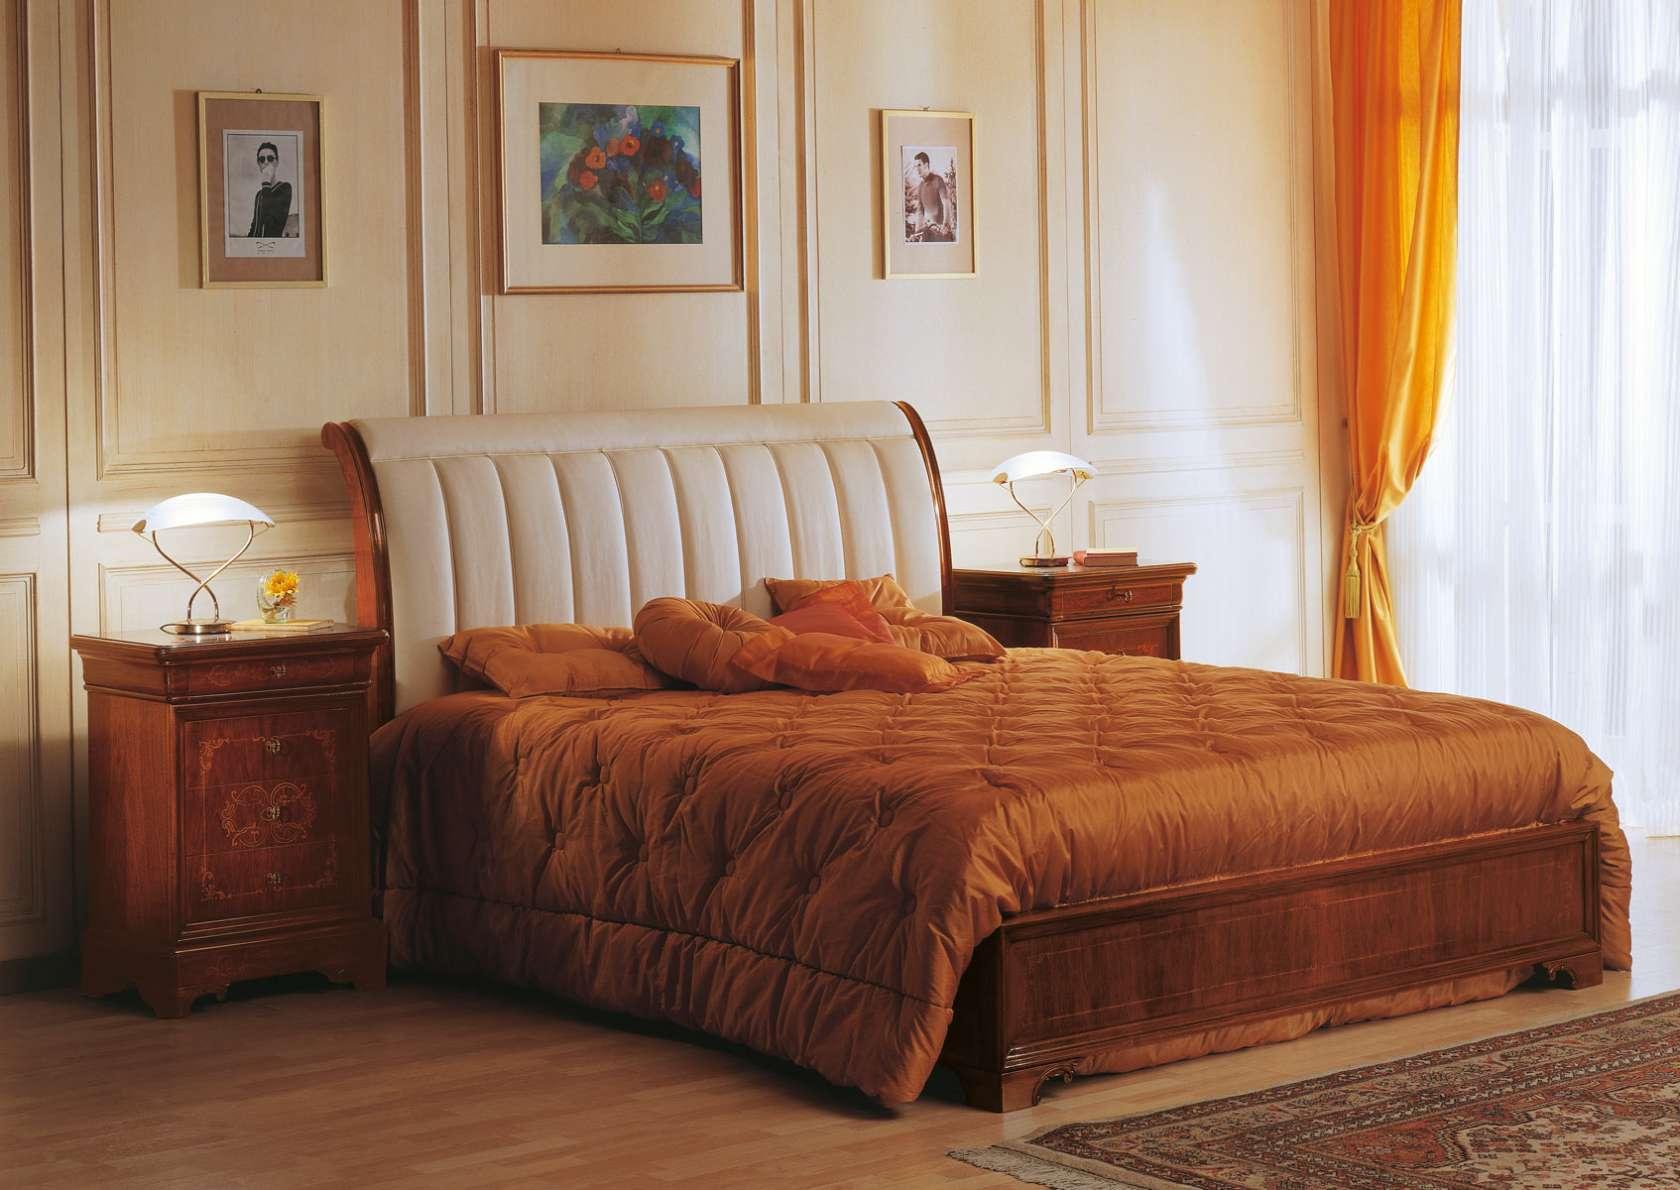 Chambre coucher xixe si cle fran ais lit avec t te en - Chambre a coucher francaise ...